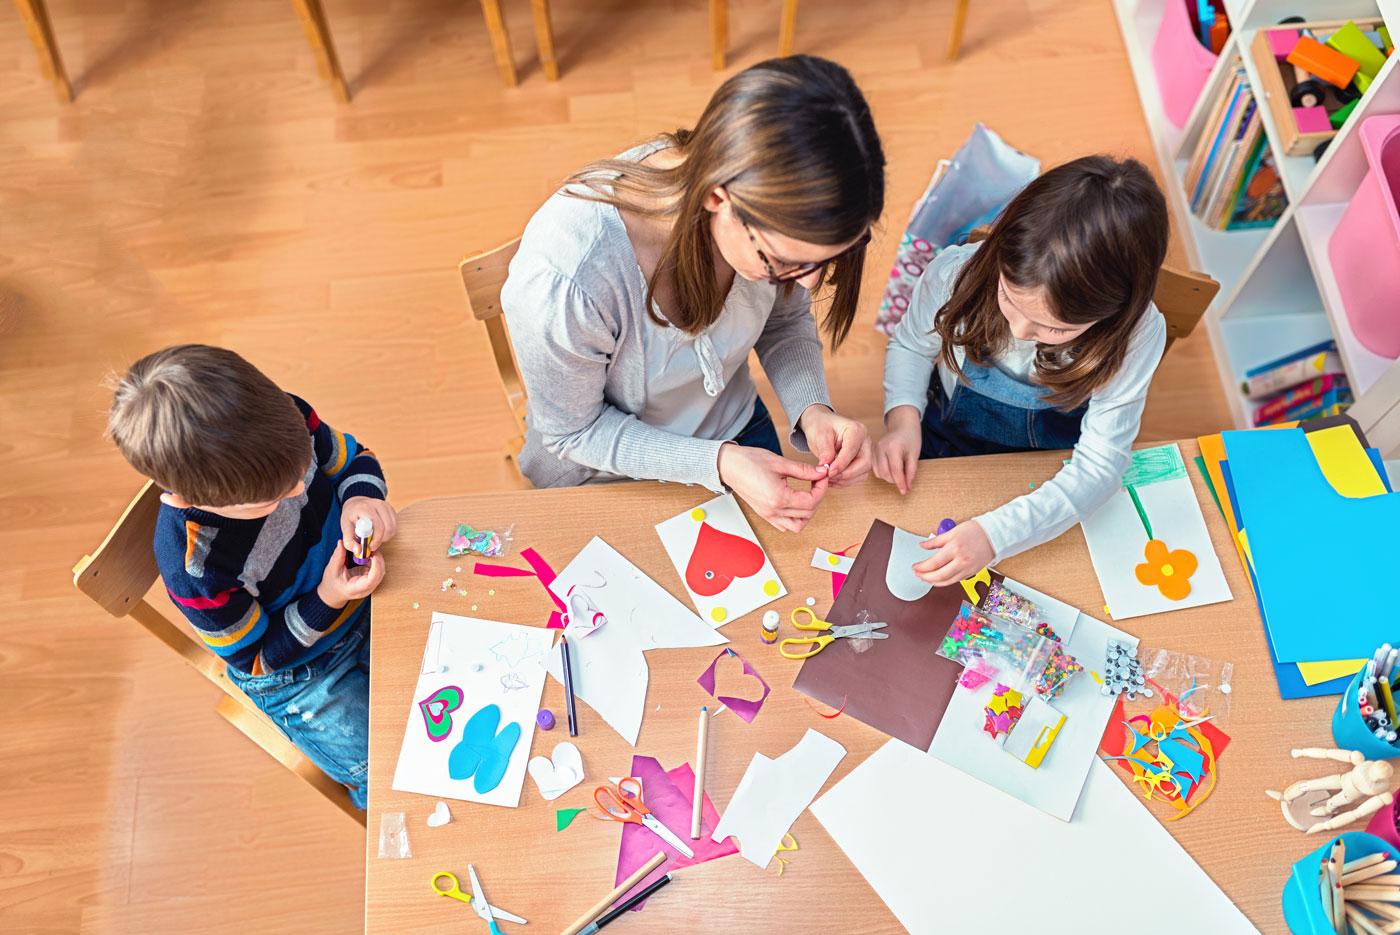 Los proyectos o actividades que propongas pueden ser de forma individual, en grupo y pueden tener tu ayuda, tanto como observador como aconsejando.